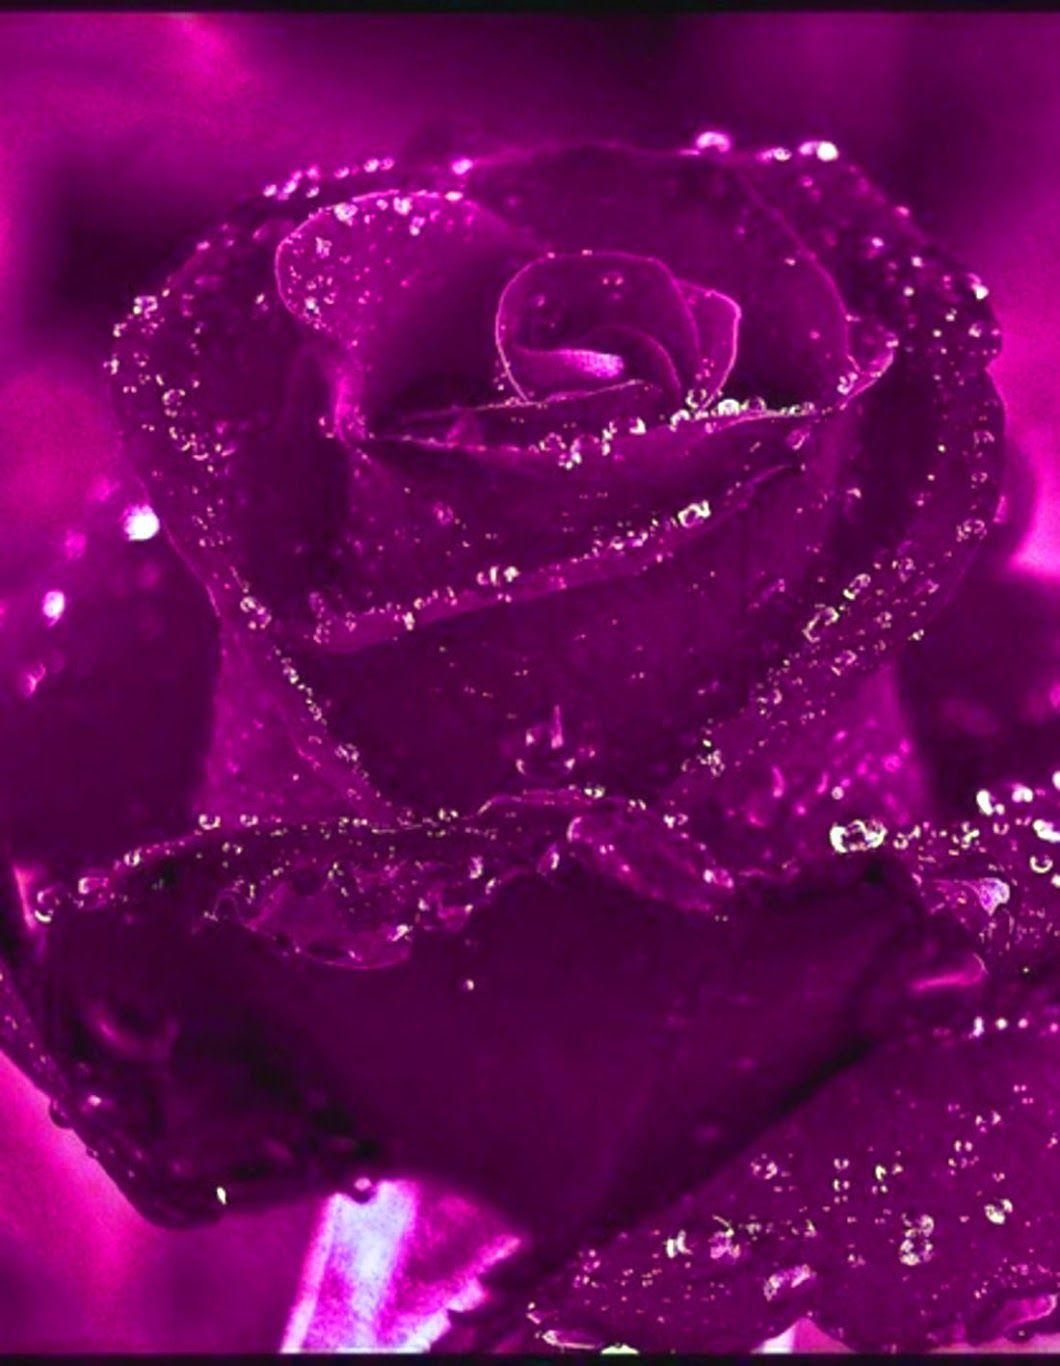 основные приемы посмотреть картинки розы с блестками общем обладает необходимым